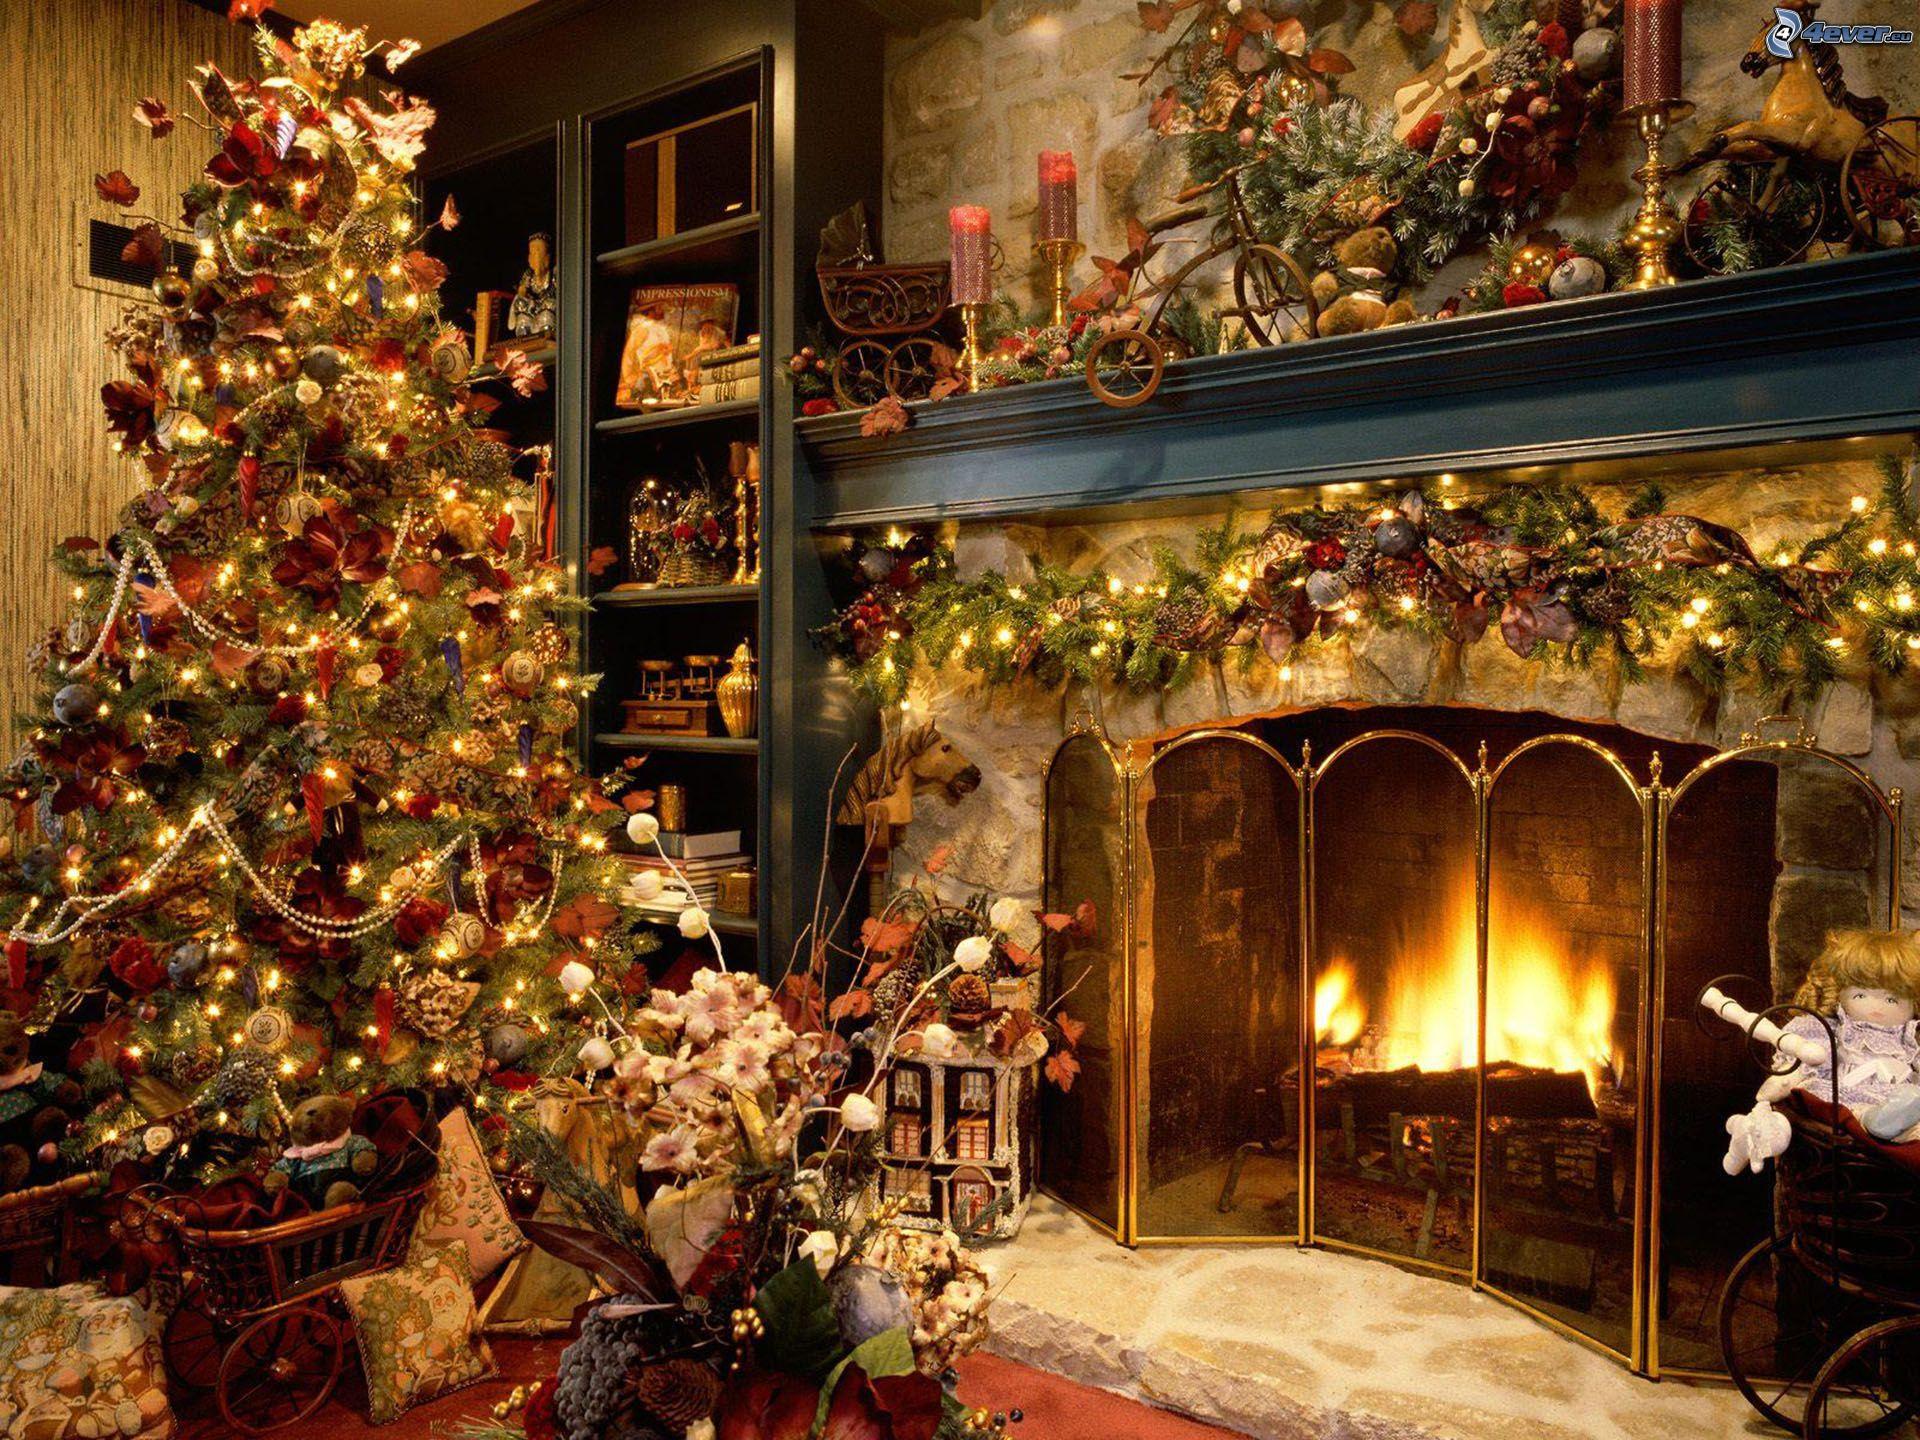 weihnachtlich geschm cktes zimmer. Black Bedroom Furniture Sets. Home Design Ideas